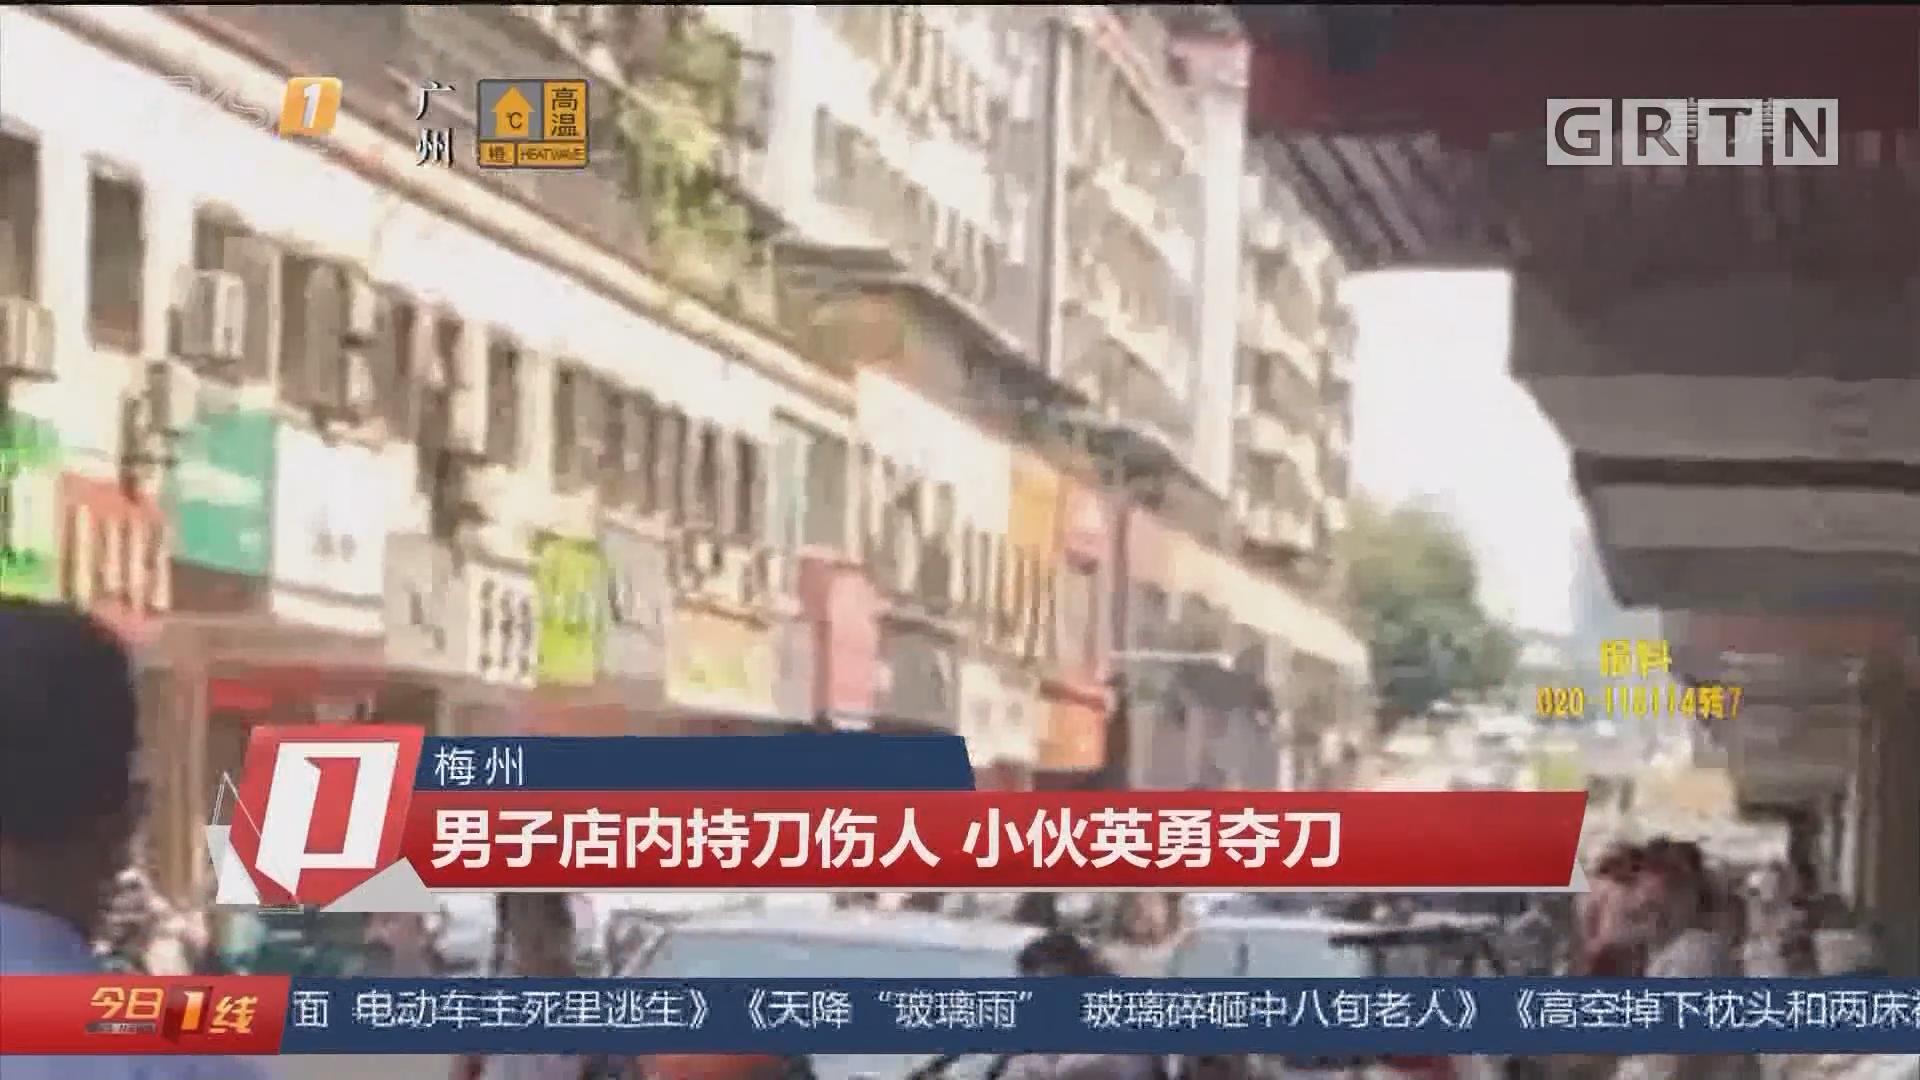 梅州:男子店内持刀伤人 小伙英勇夺刀